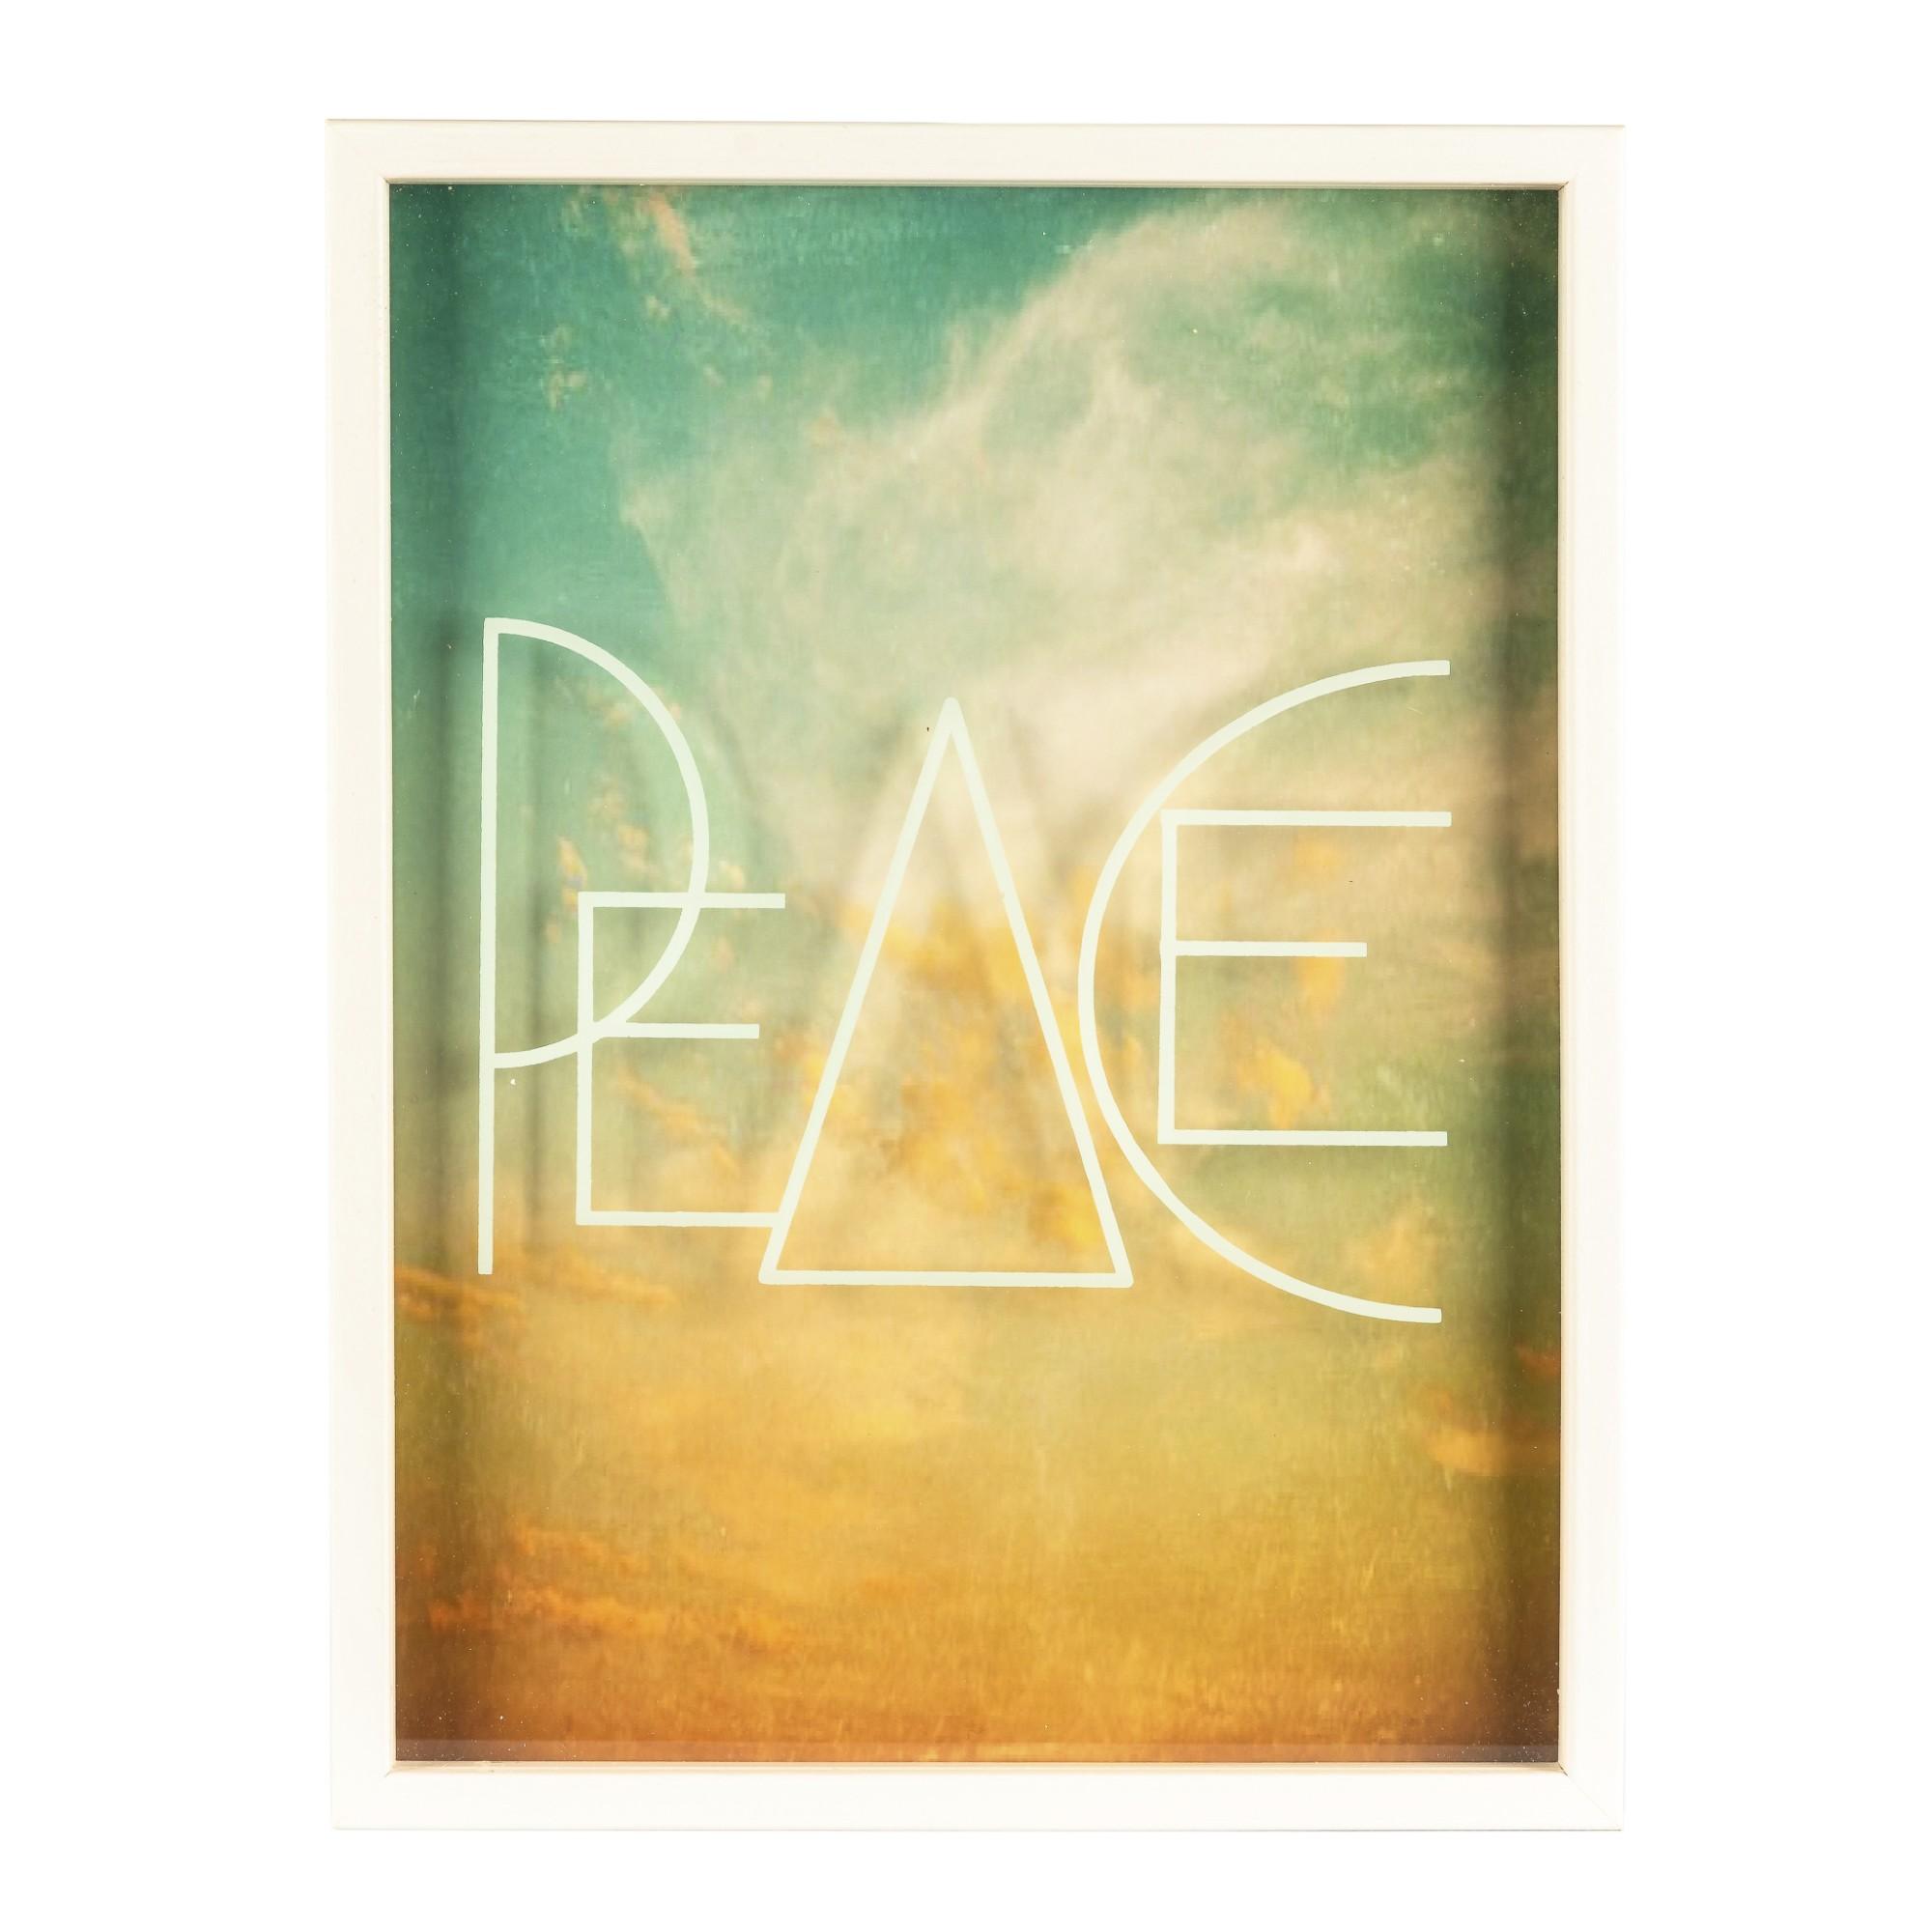 Quadro Decorativo 30x40 cm com Vidro Pintado Peace 3343 - Art Frame